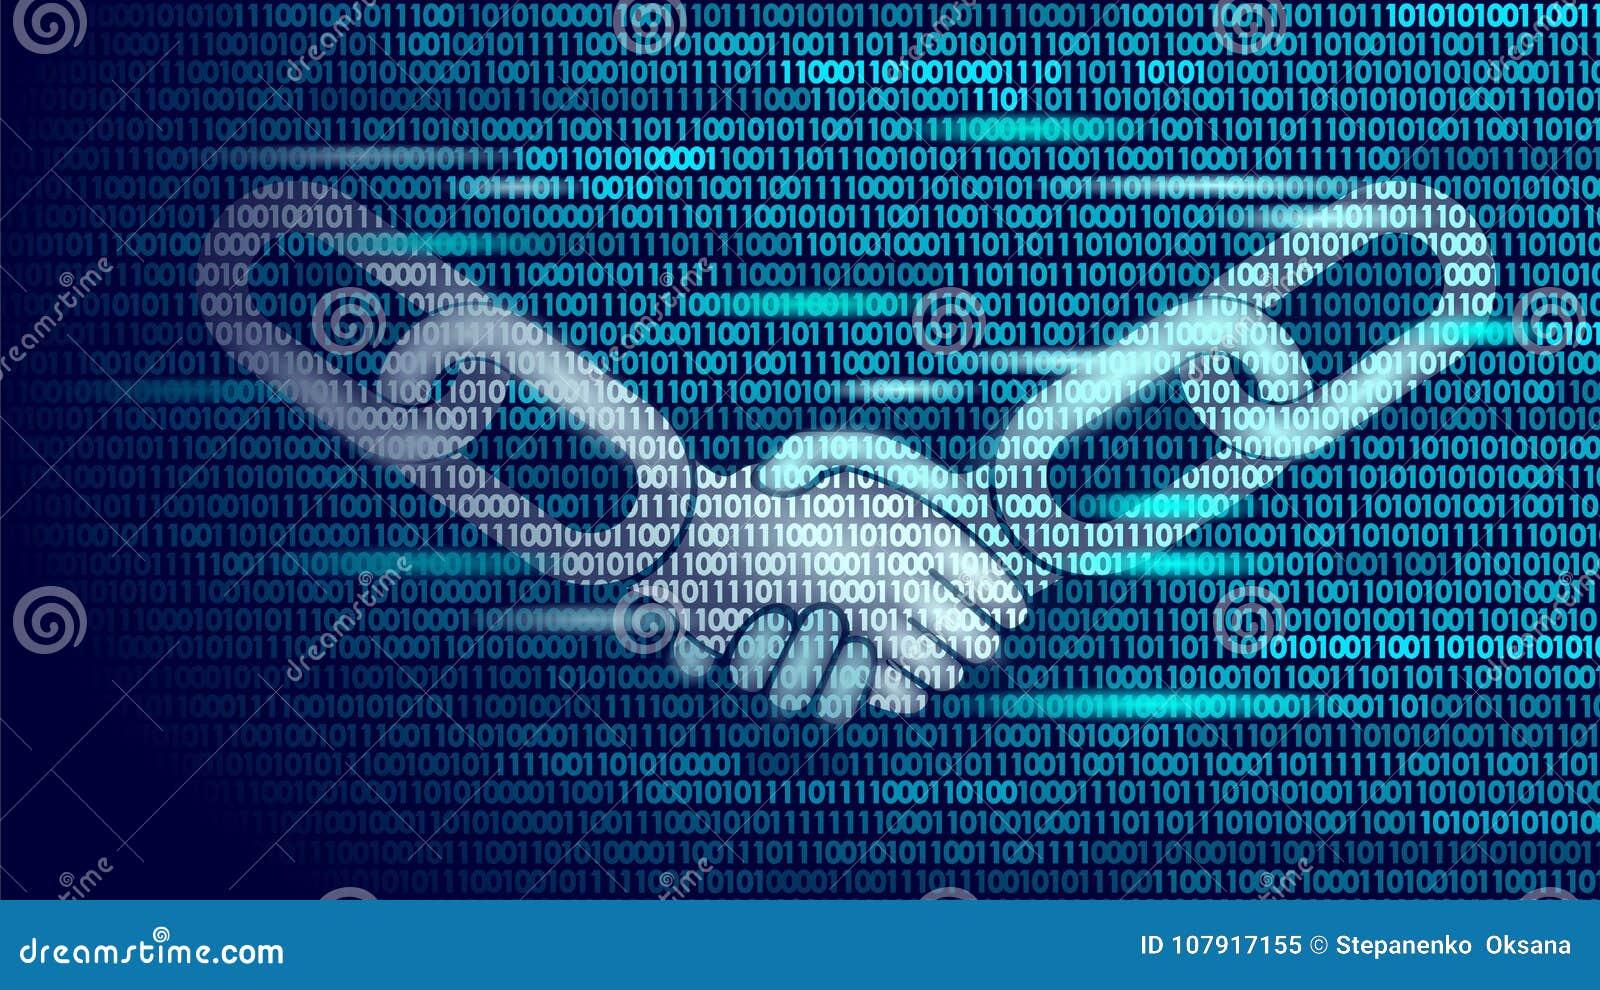 Blockchain technologii zgody uścisku dłoni pojęcia biznesowa depresja poli- Ikona symbolu binarnego kodu liczb szyldowy projekt r